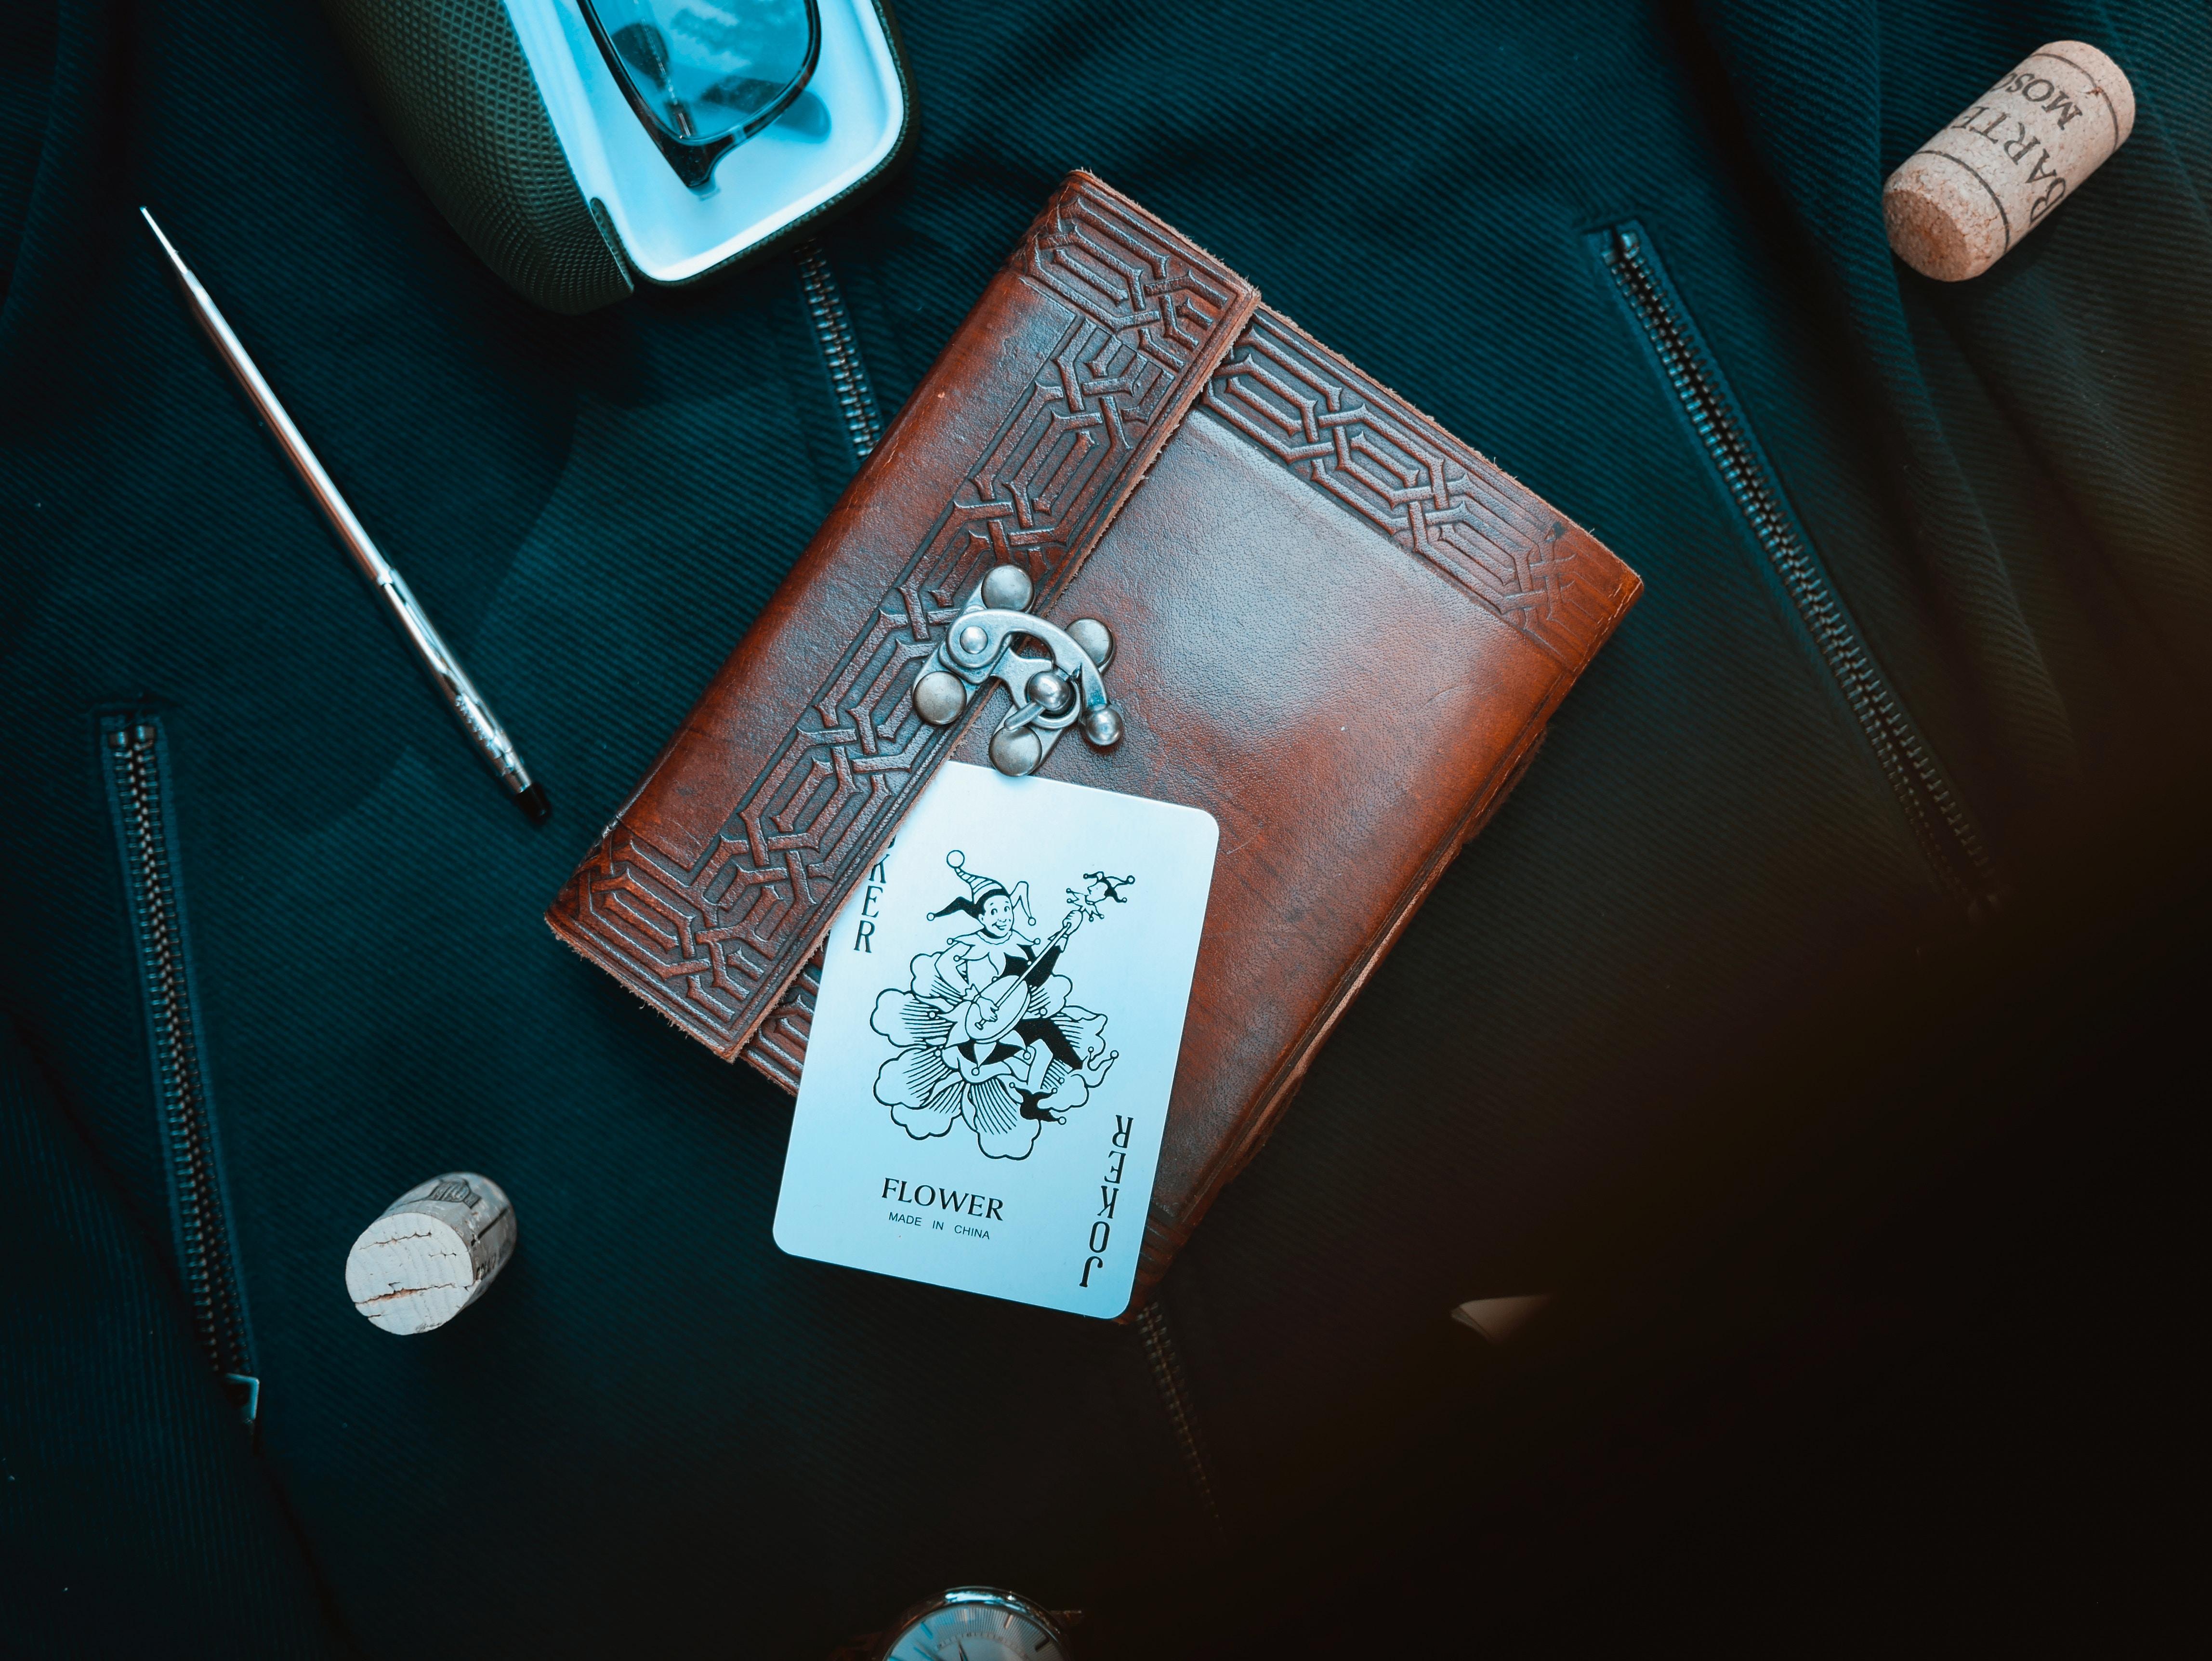 98373 Hintergrundbild herunterladen Joker, Verschiedenes, Sonstige, Brille, Karte, Brieftasche, Geldbeutel - Bildschirmschoner und Bilder kostenlos